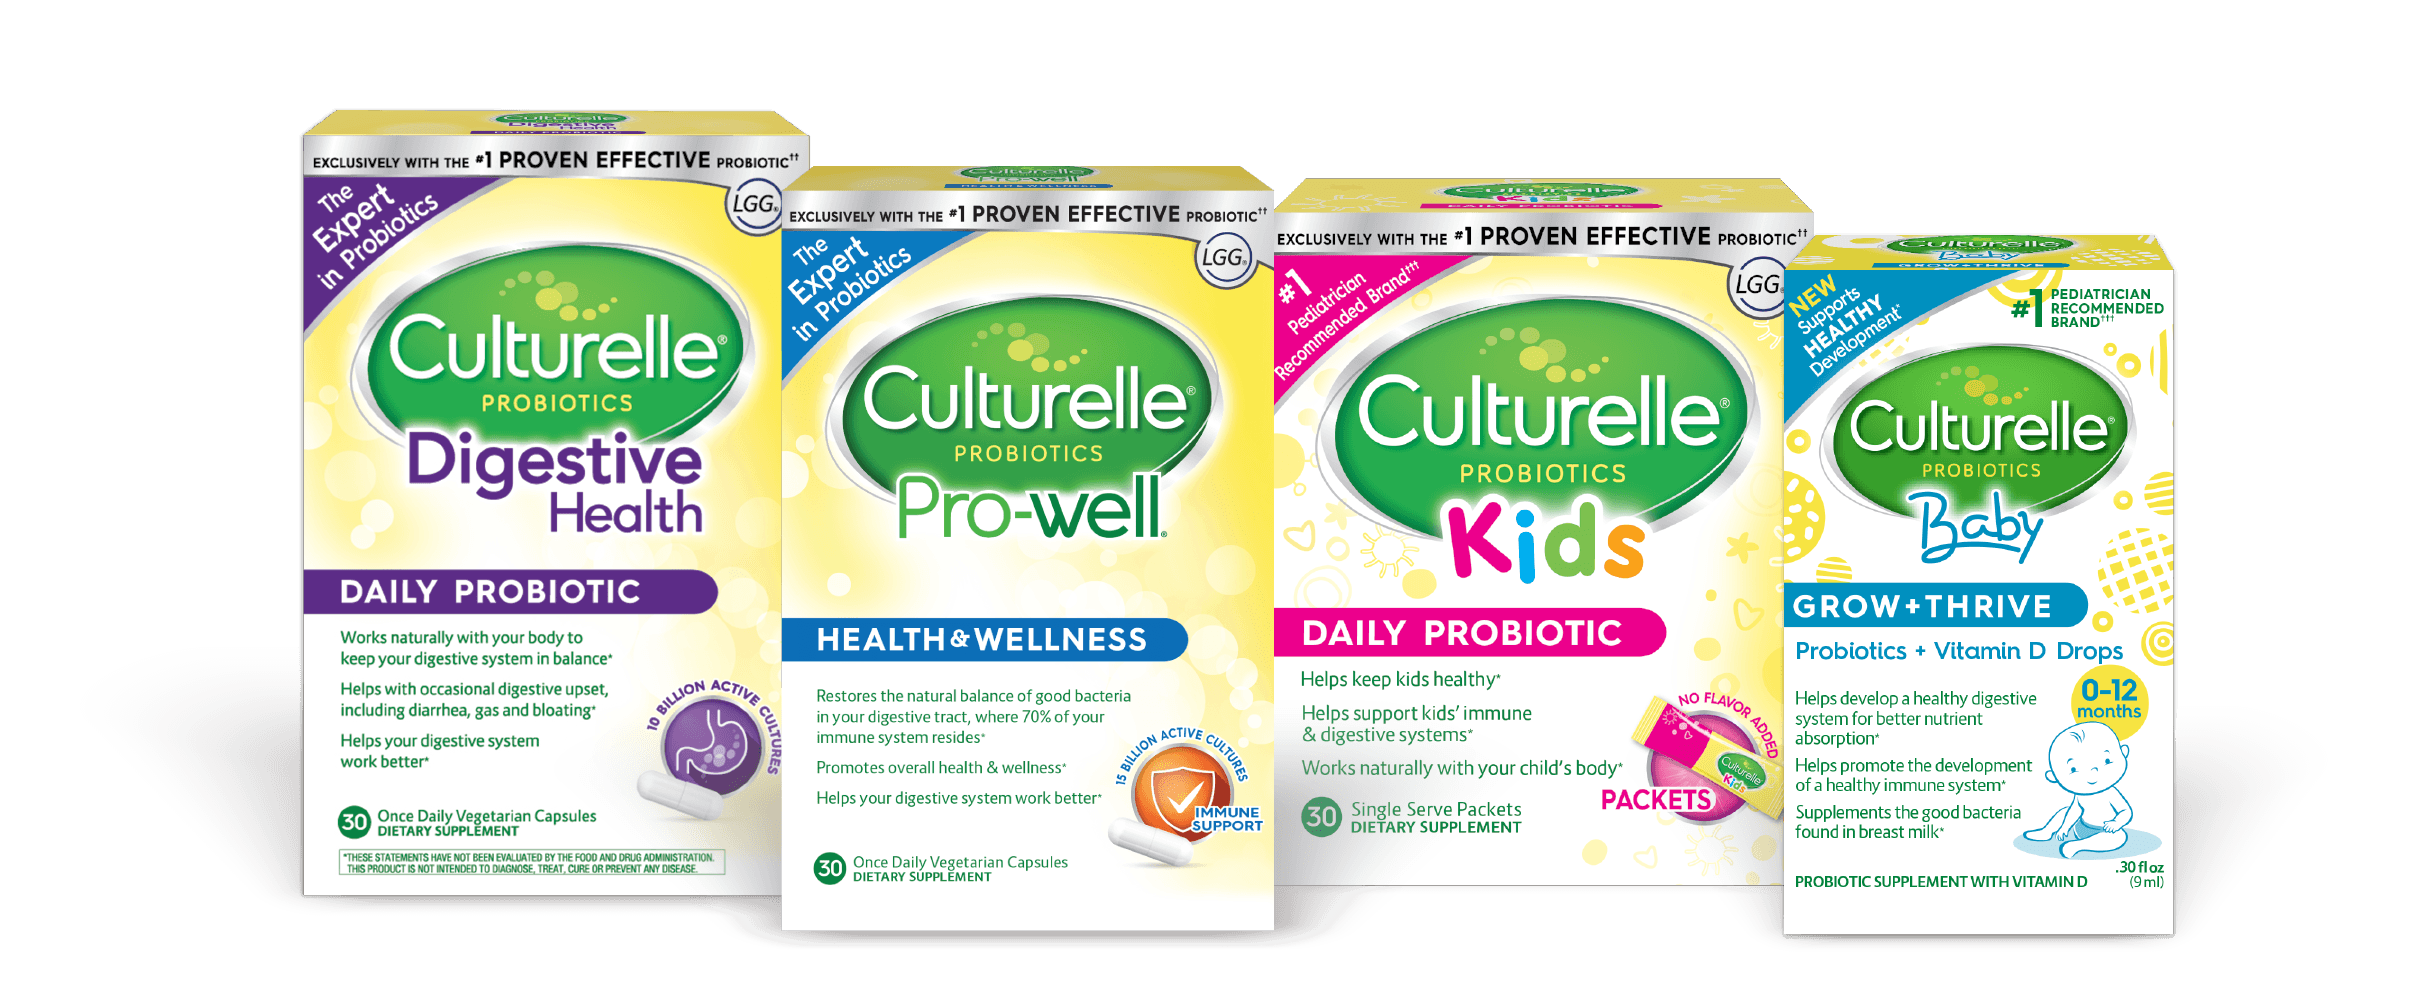 Culturelle® probiotics boxes